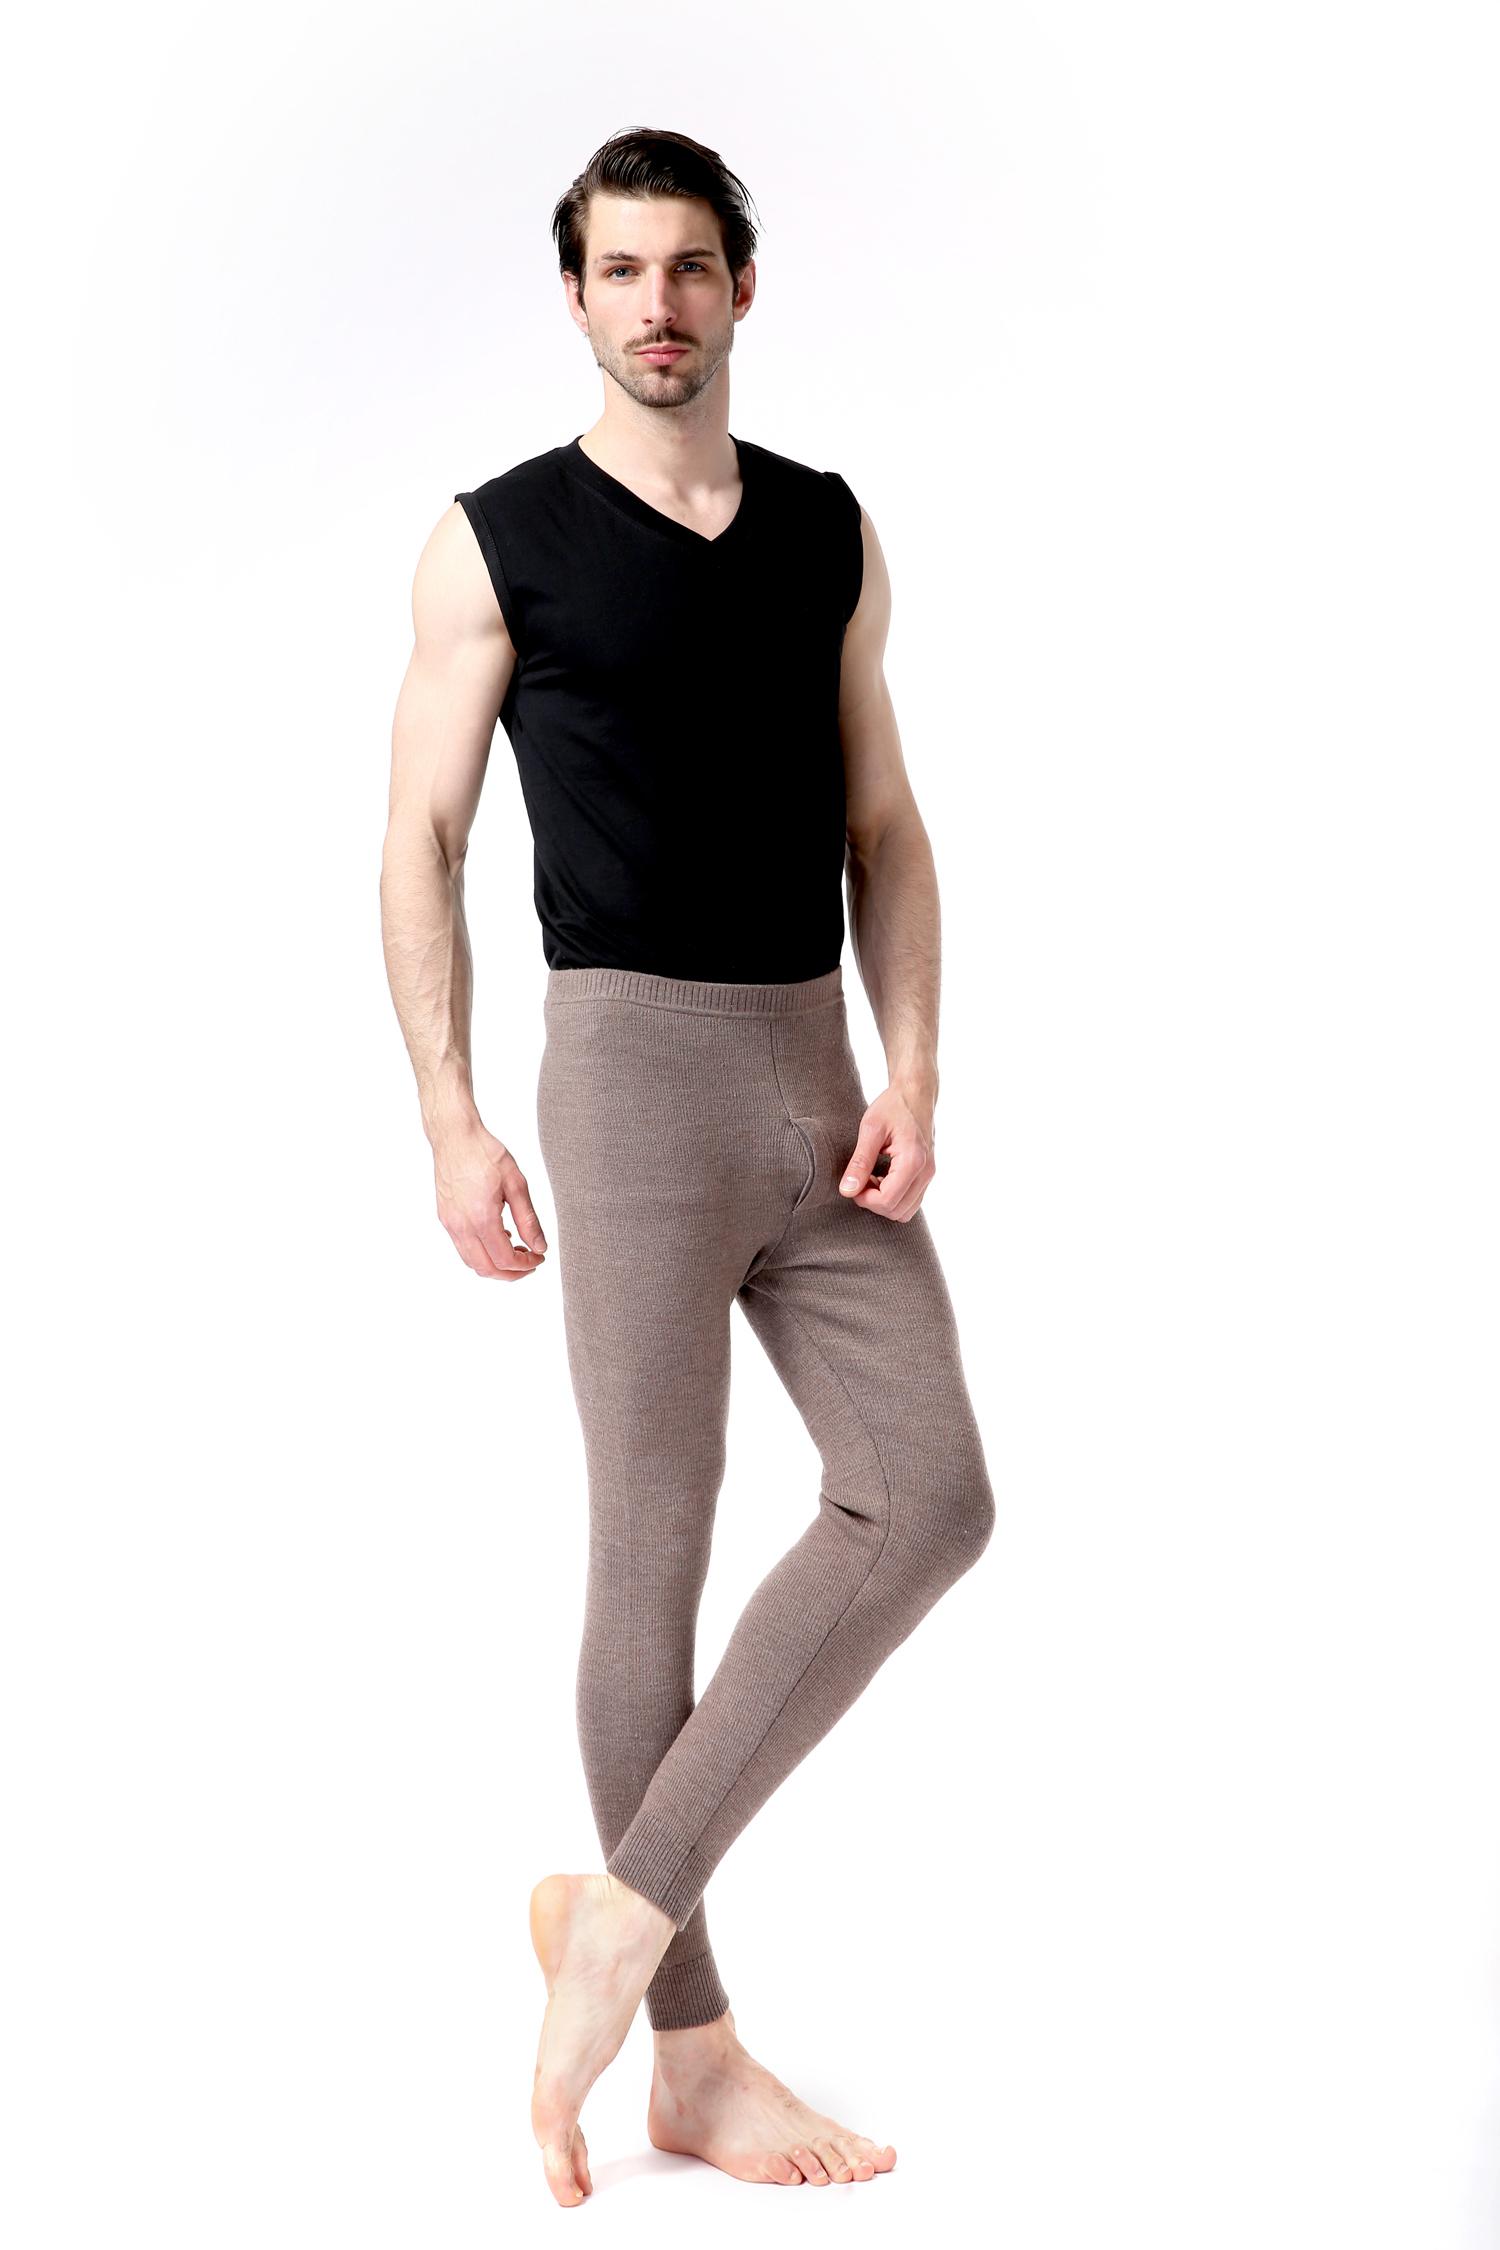 优惠的保暖内衣——最优惠的都兰诺斯澳毛男抽条裤【供售】